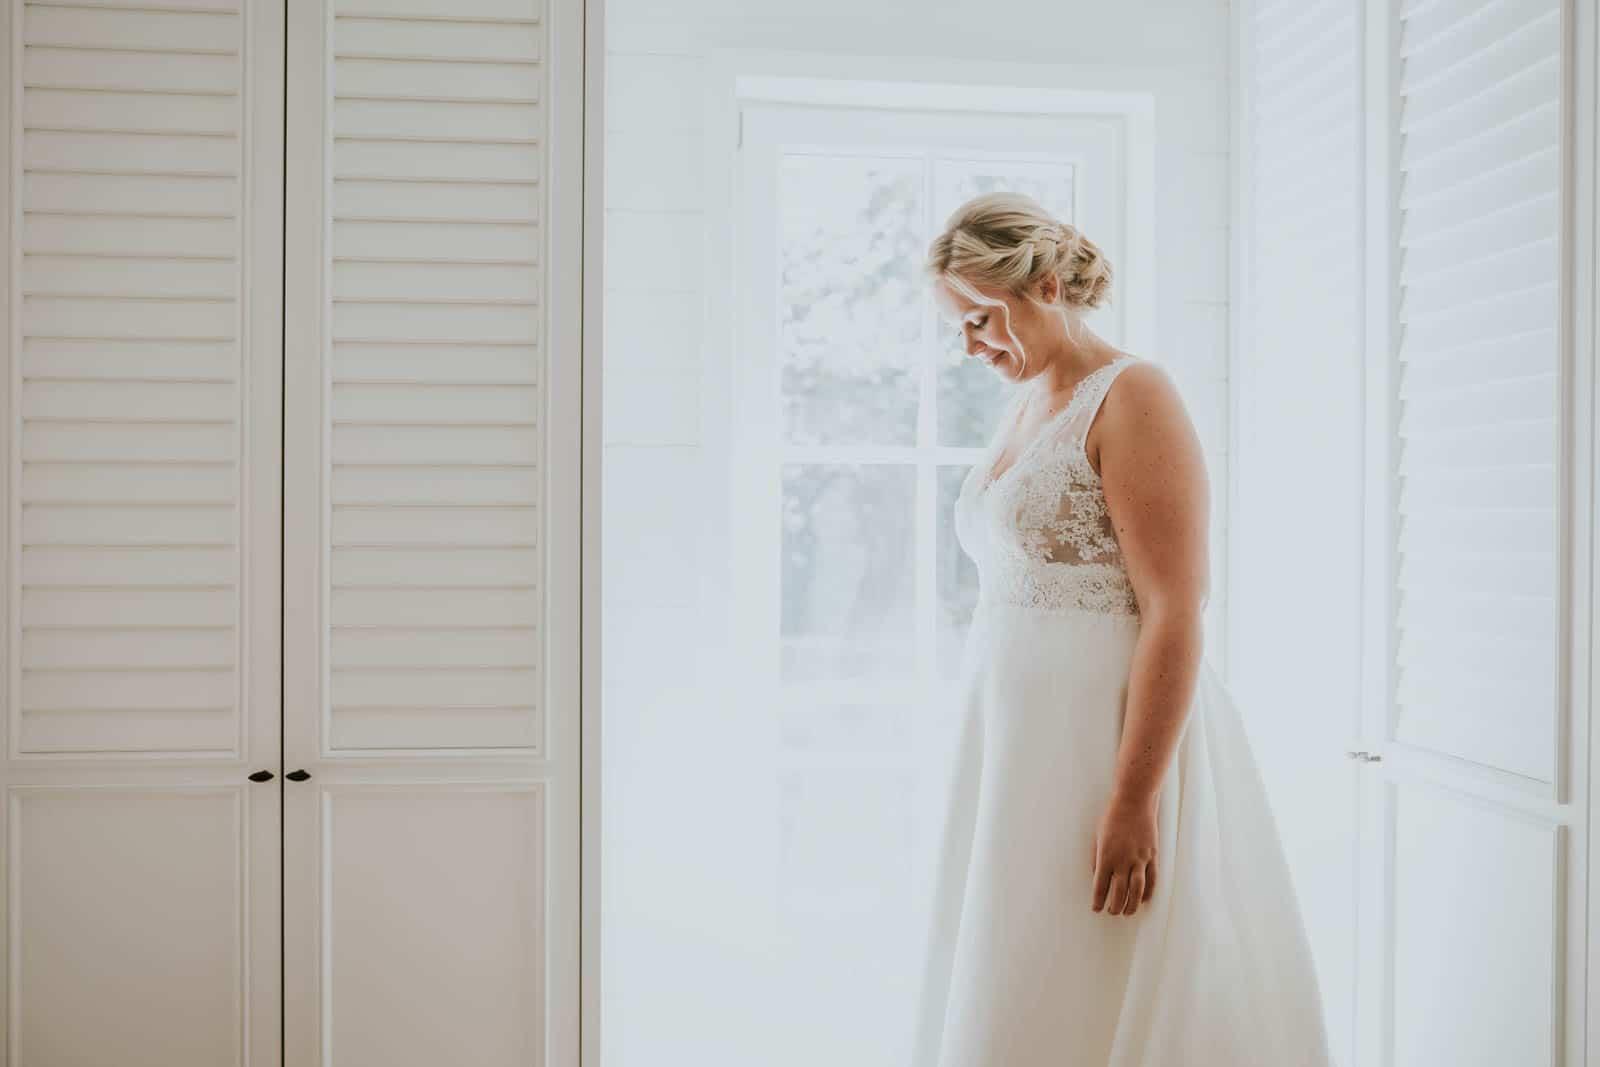 La robe est magnifique… Photographe de mariage.